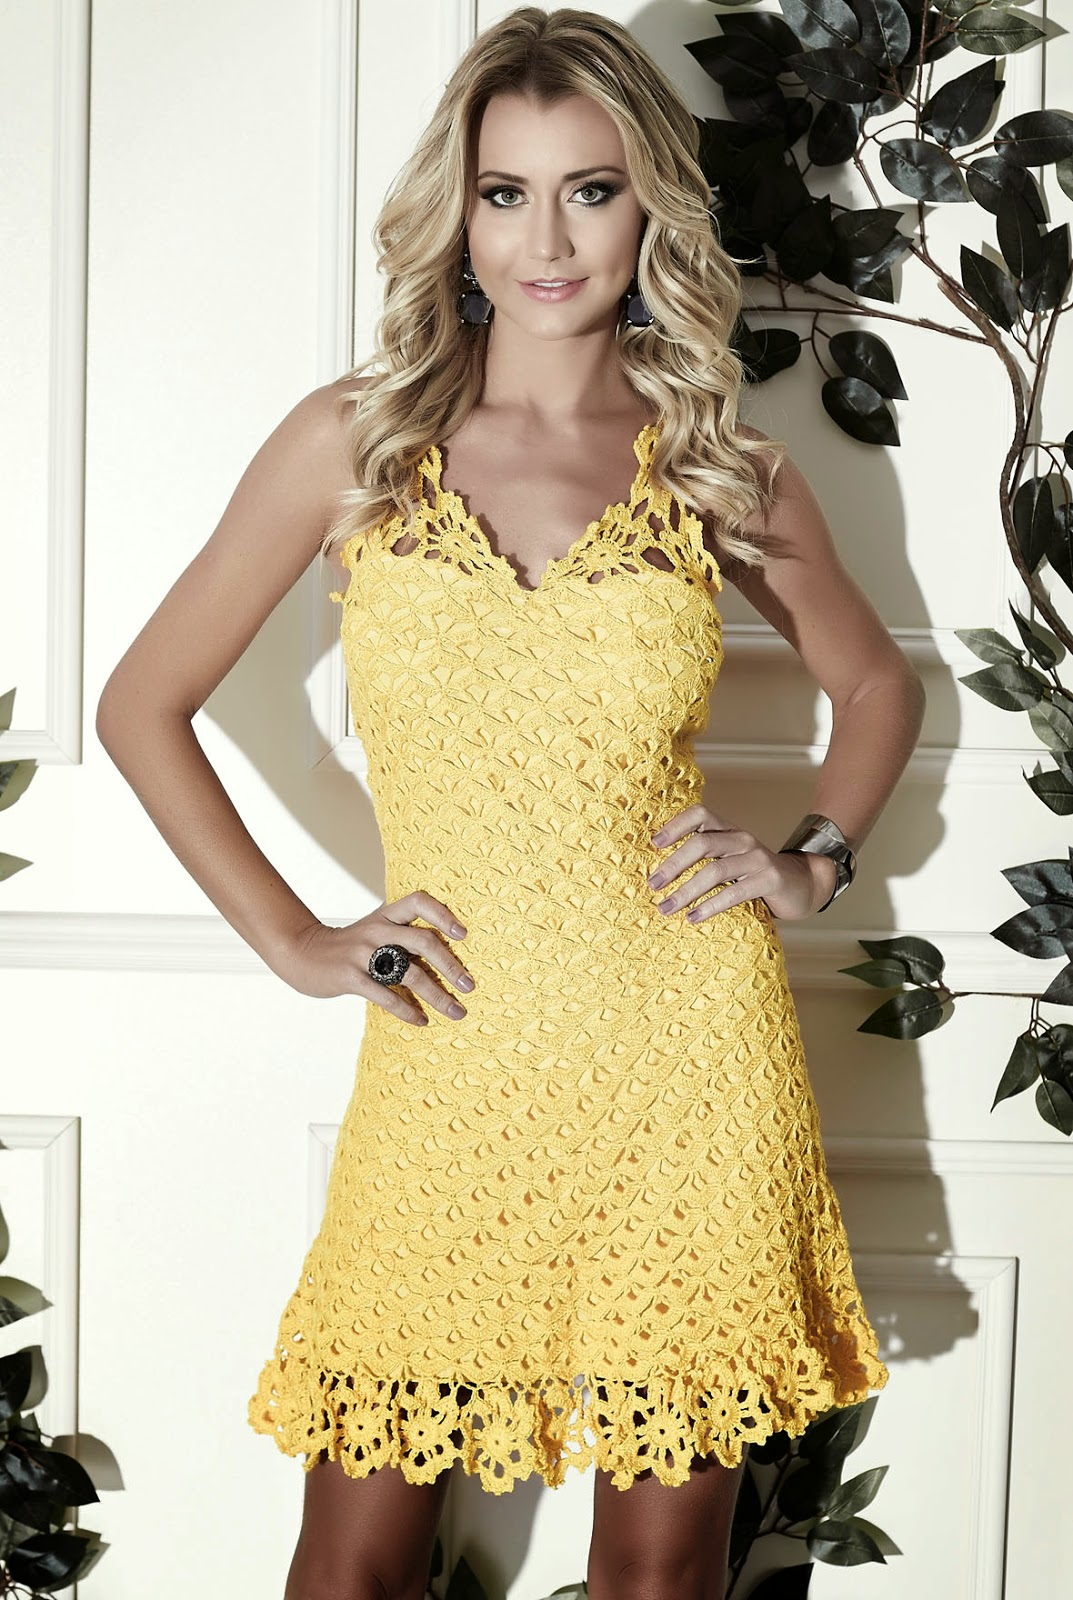 http://www.circulo.com.br/pt/receitas/moda-feminina-adulto/vestido-amarelo-clea-5